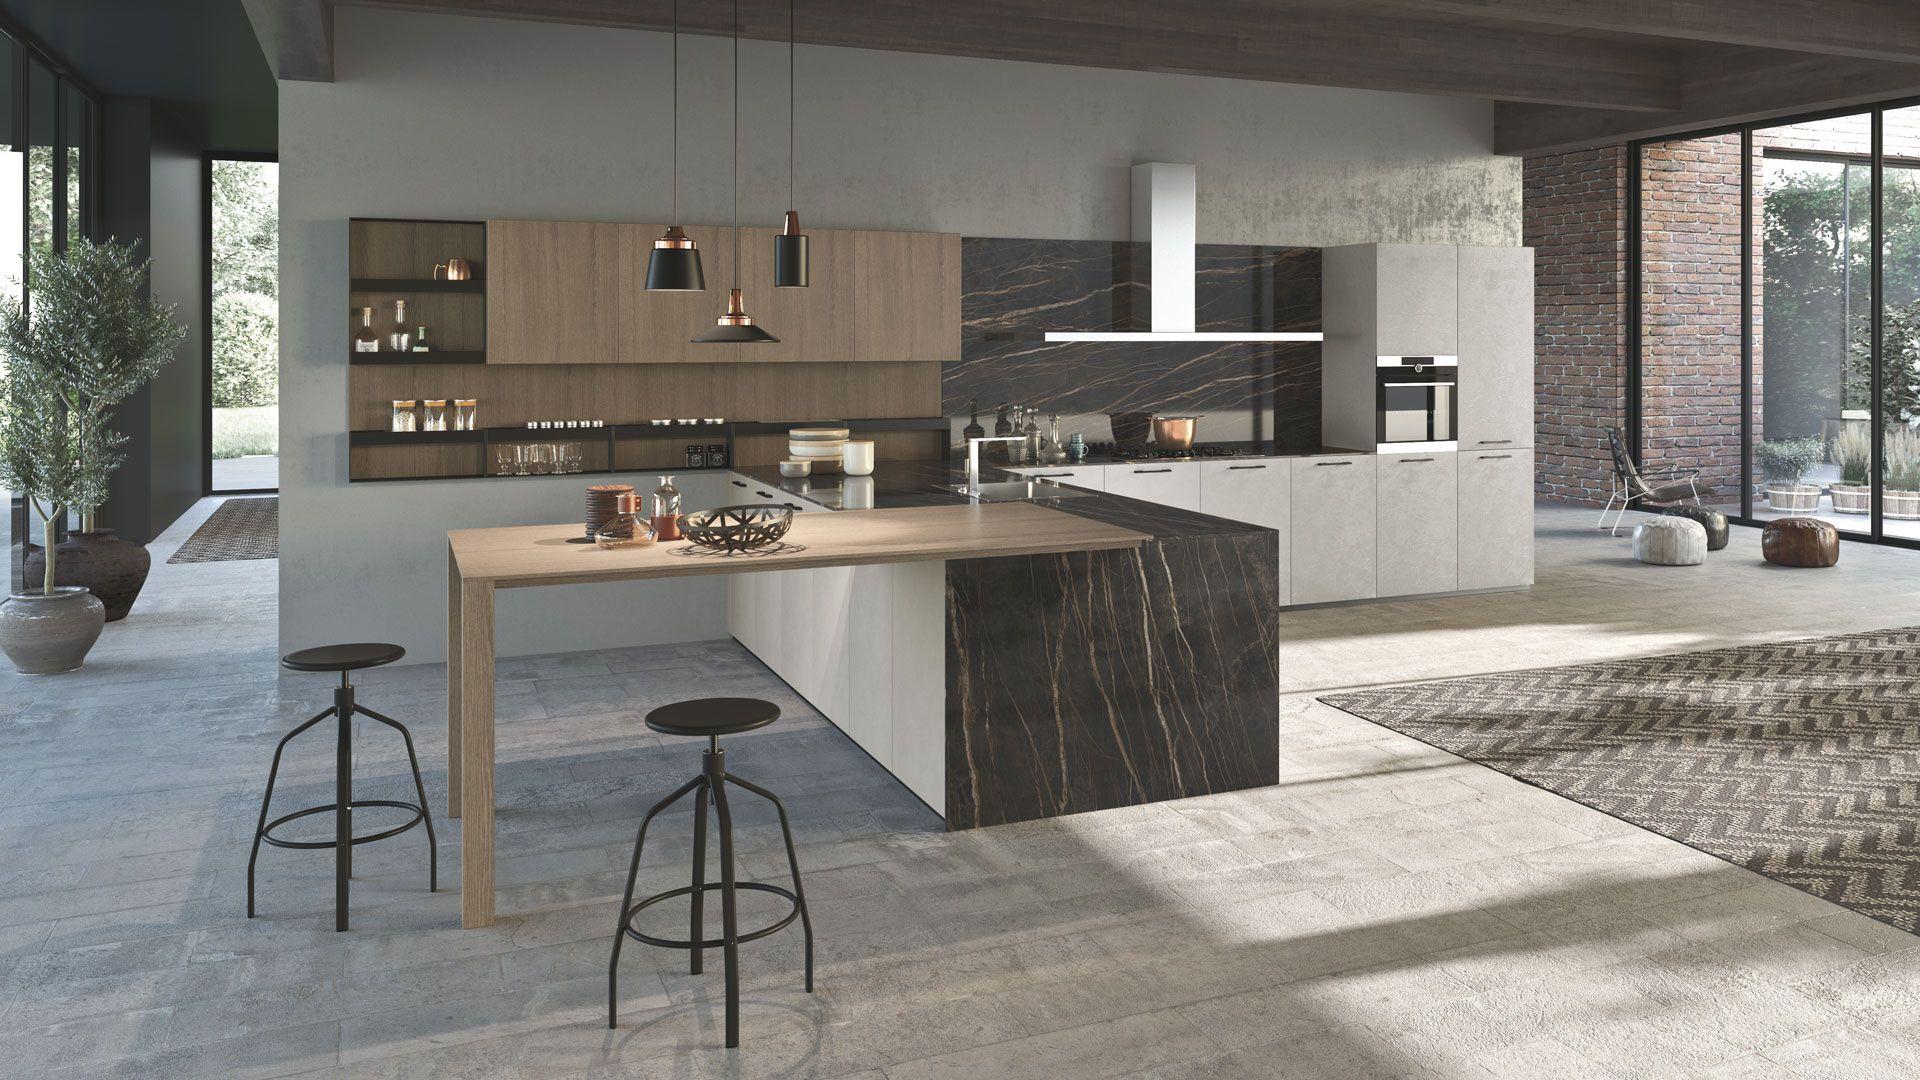 K016 07 Pedini Kitchen Kitchen Design Italian Kitchen